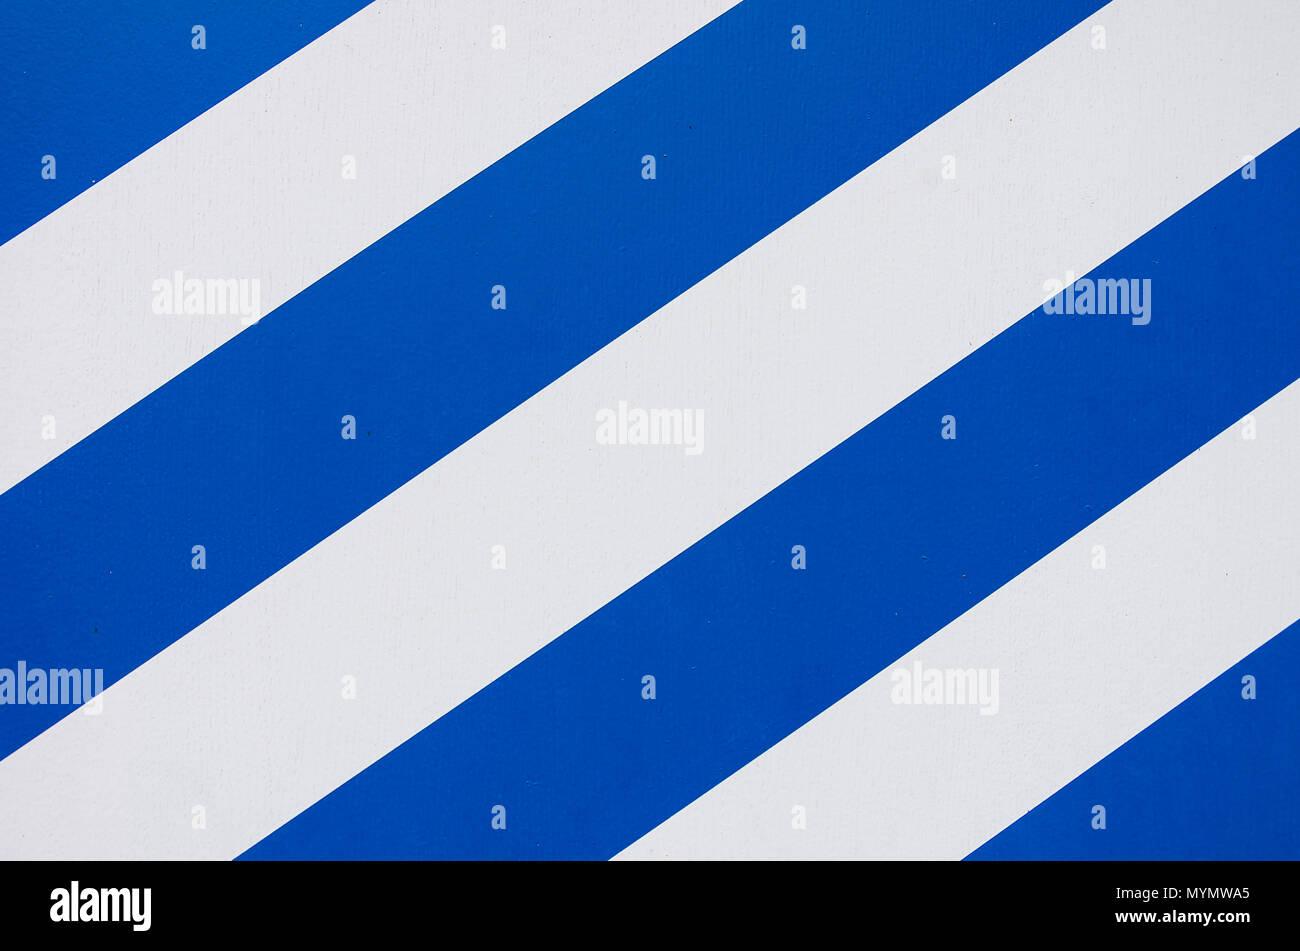 Blaue und weiße Streifen Muster. Stockbild